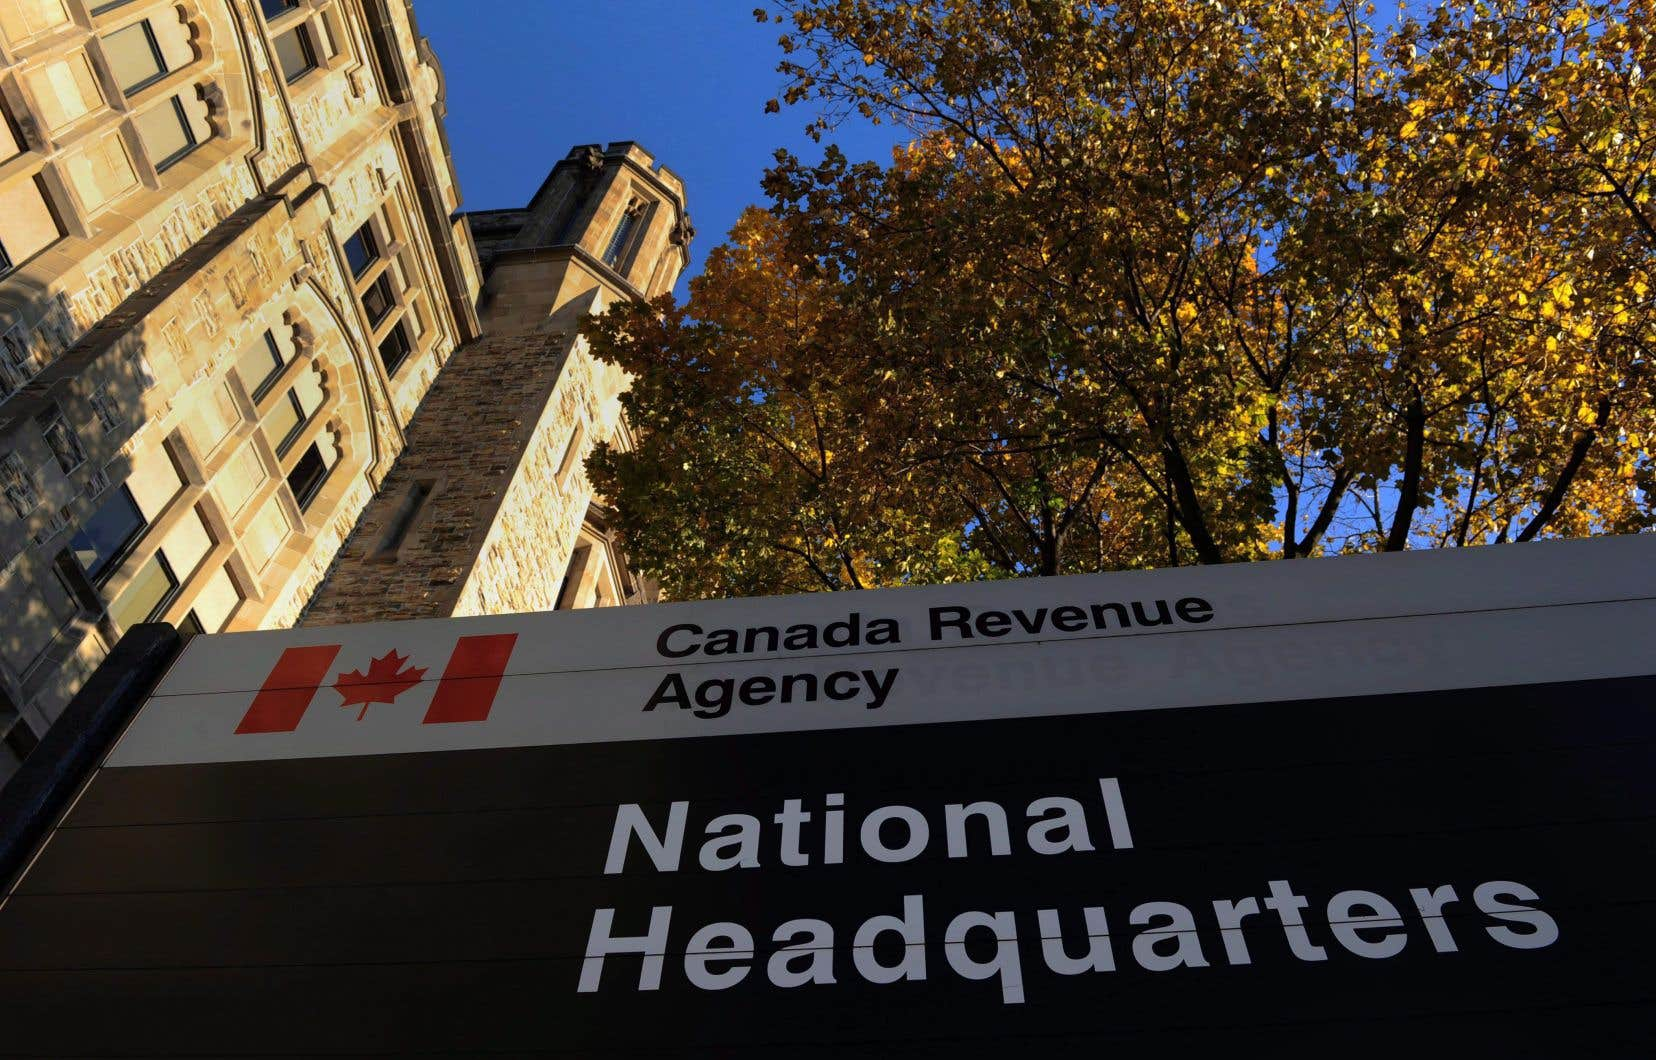 Le Québec devrait harmoniser sa fiscalité à celle de l'ensemble du pays et des autres provinces pour établir une déclaration de revenus unique, a souligné la ministre Diane Lebouthillier